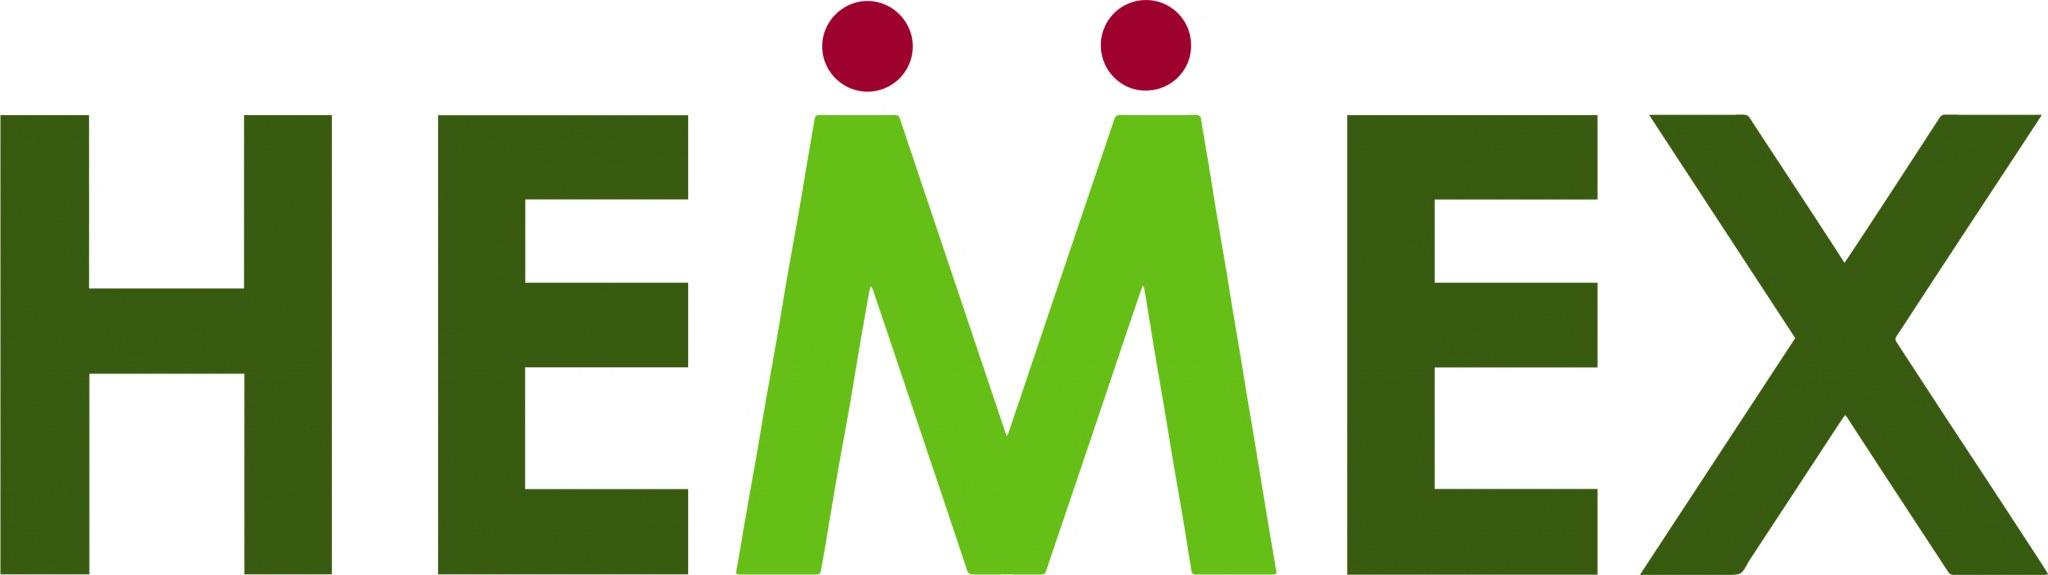 HEMEX_Logo.jpg